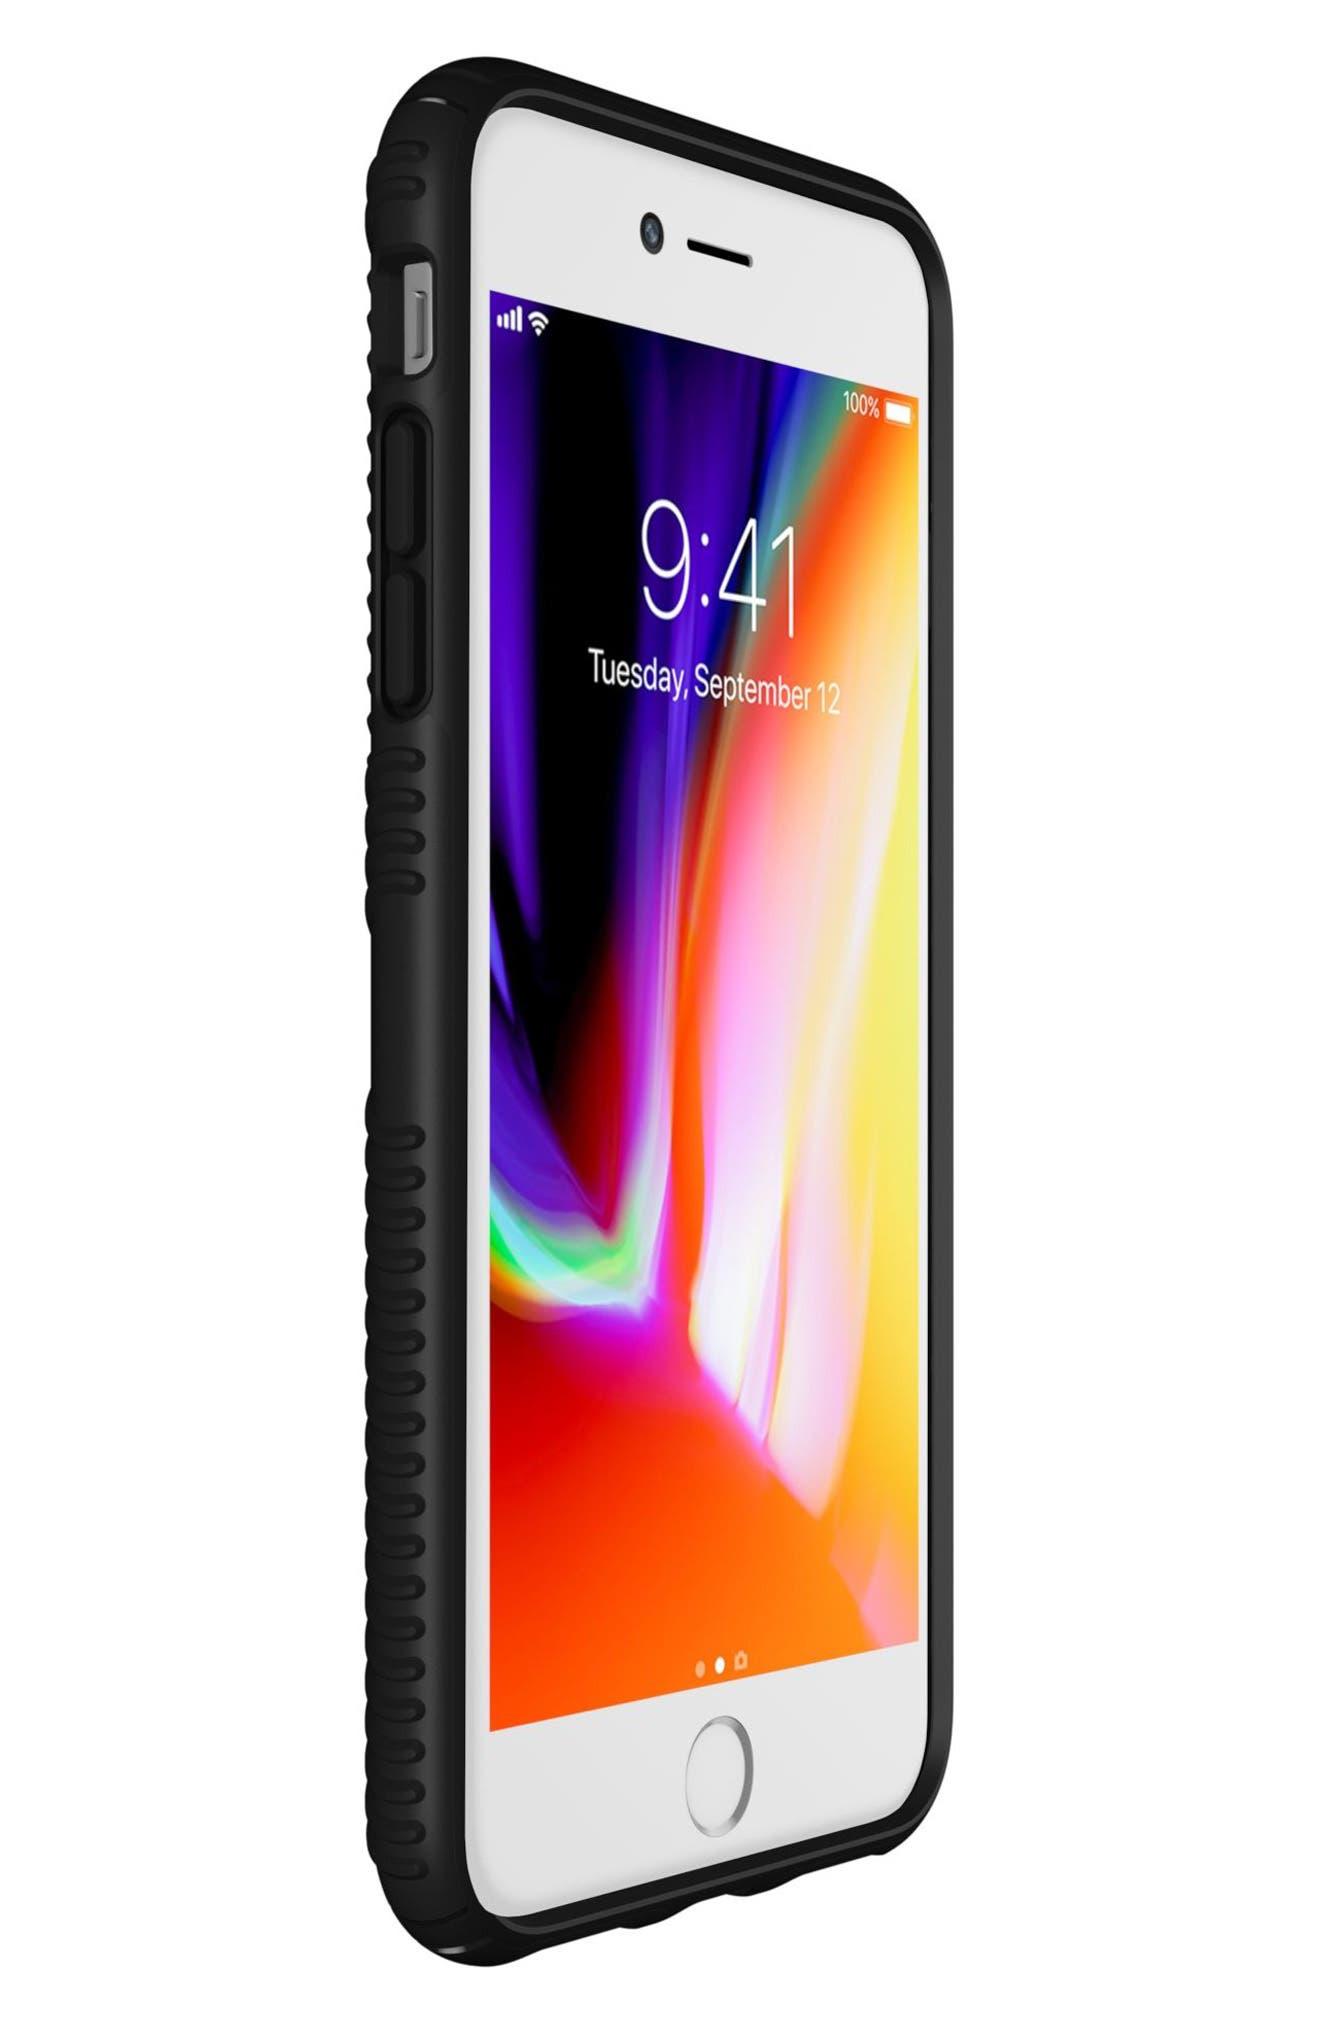 SPECK,                             Grip iPhone 6/6s/7/8 Plus Case,                             Alternate thumbnail 4, color,                             001